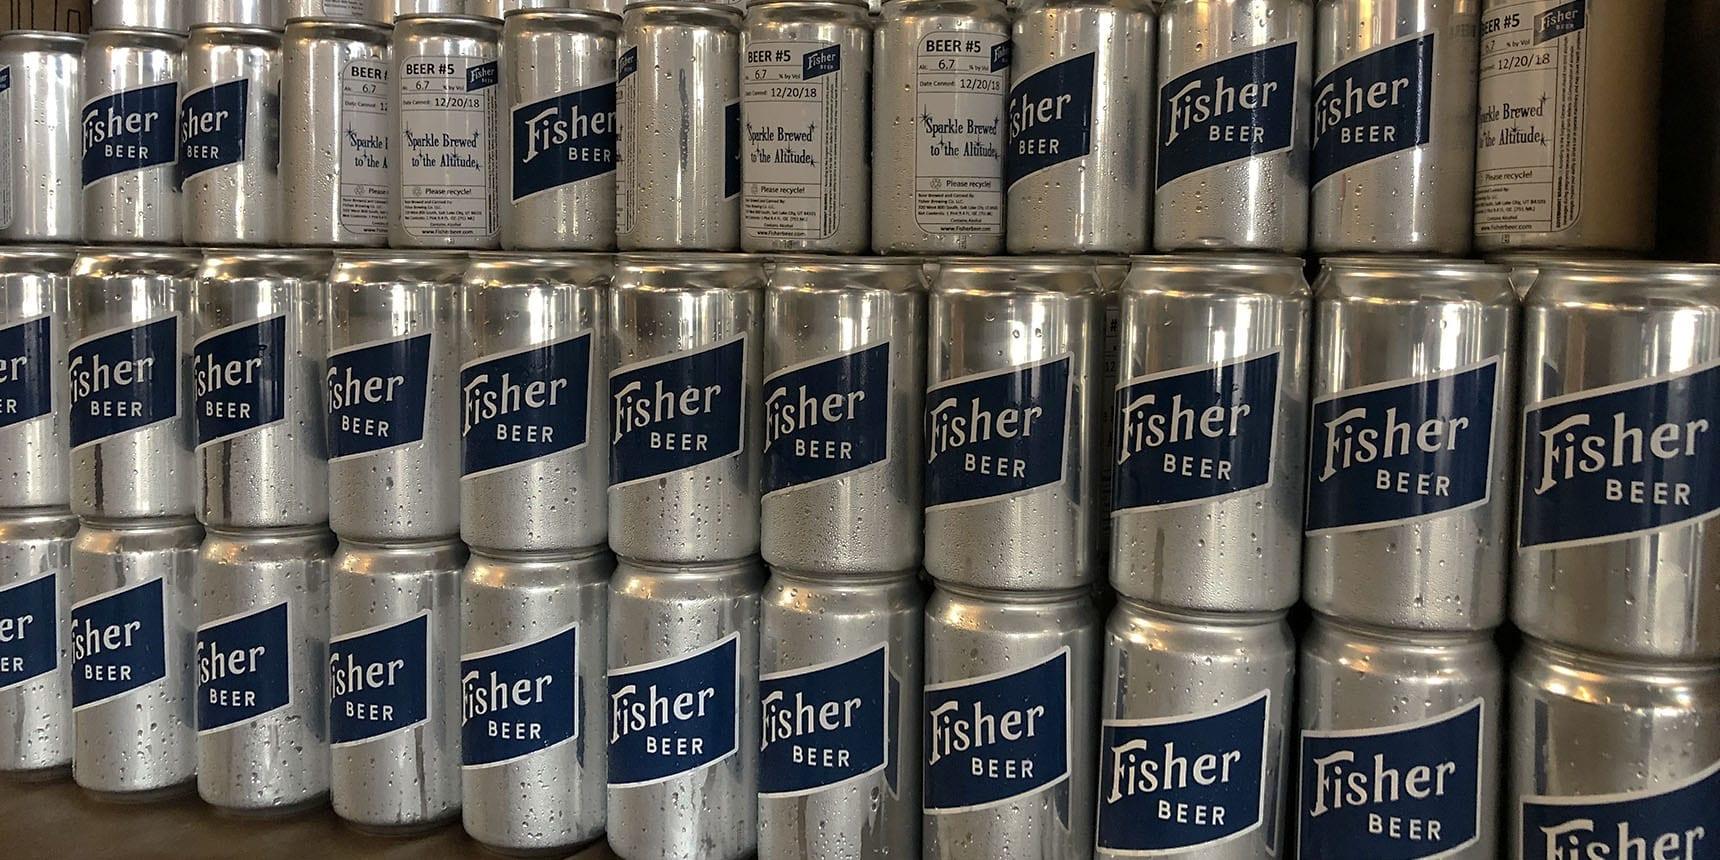 Pre-Christmas Utah Beer News - Fisher Beer - Featured